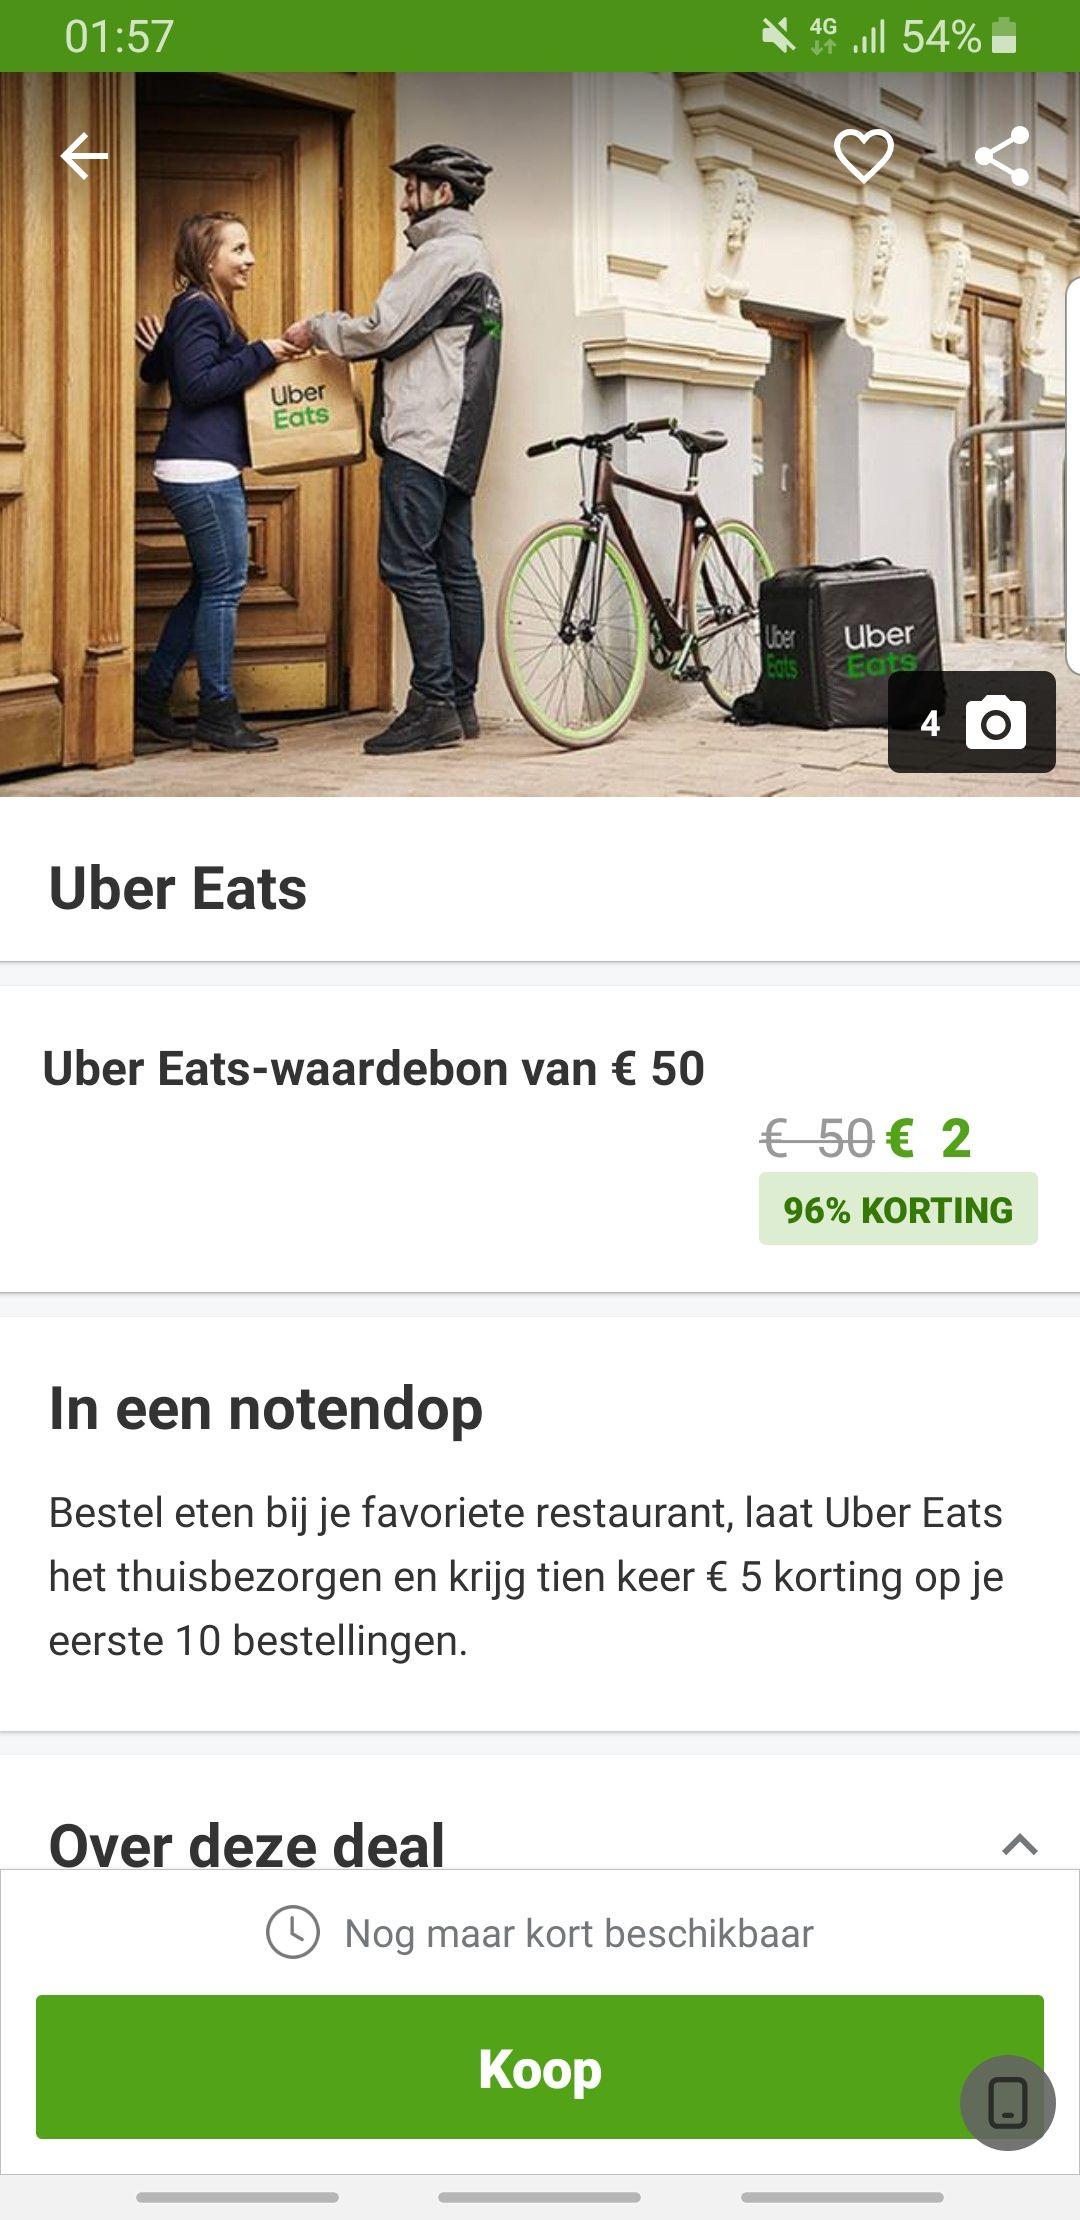 10x 5 euro korting Uber Eats bij groupon